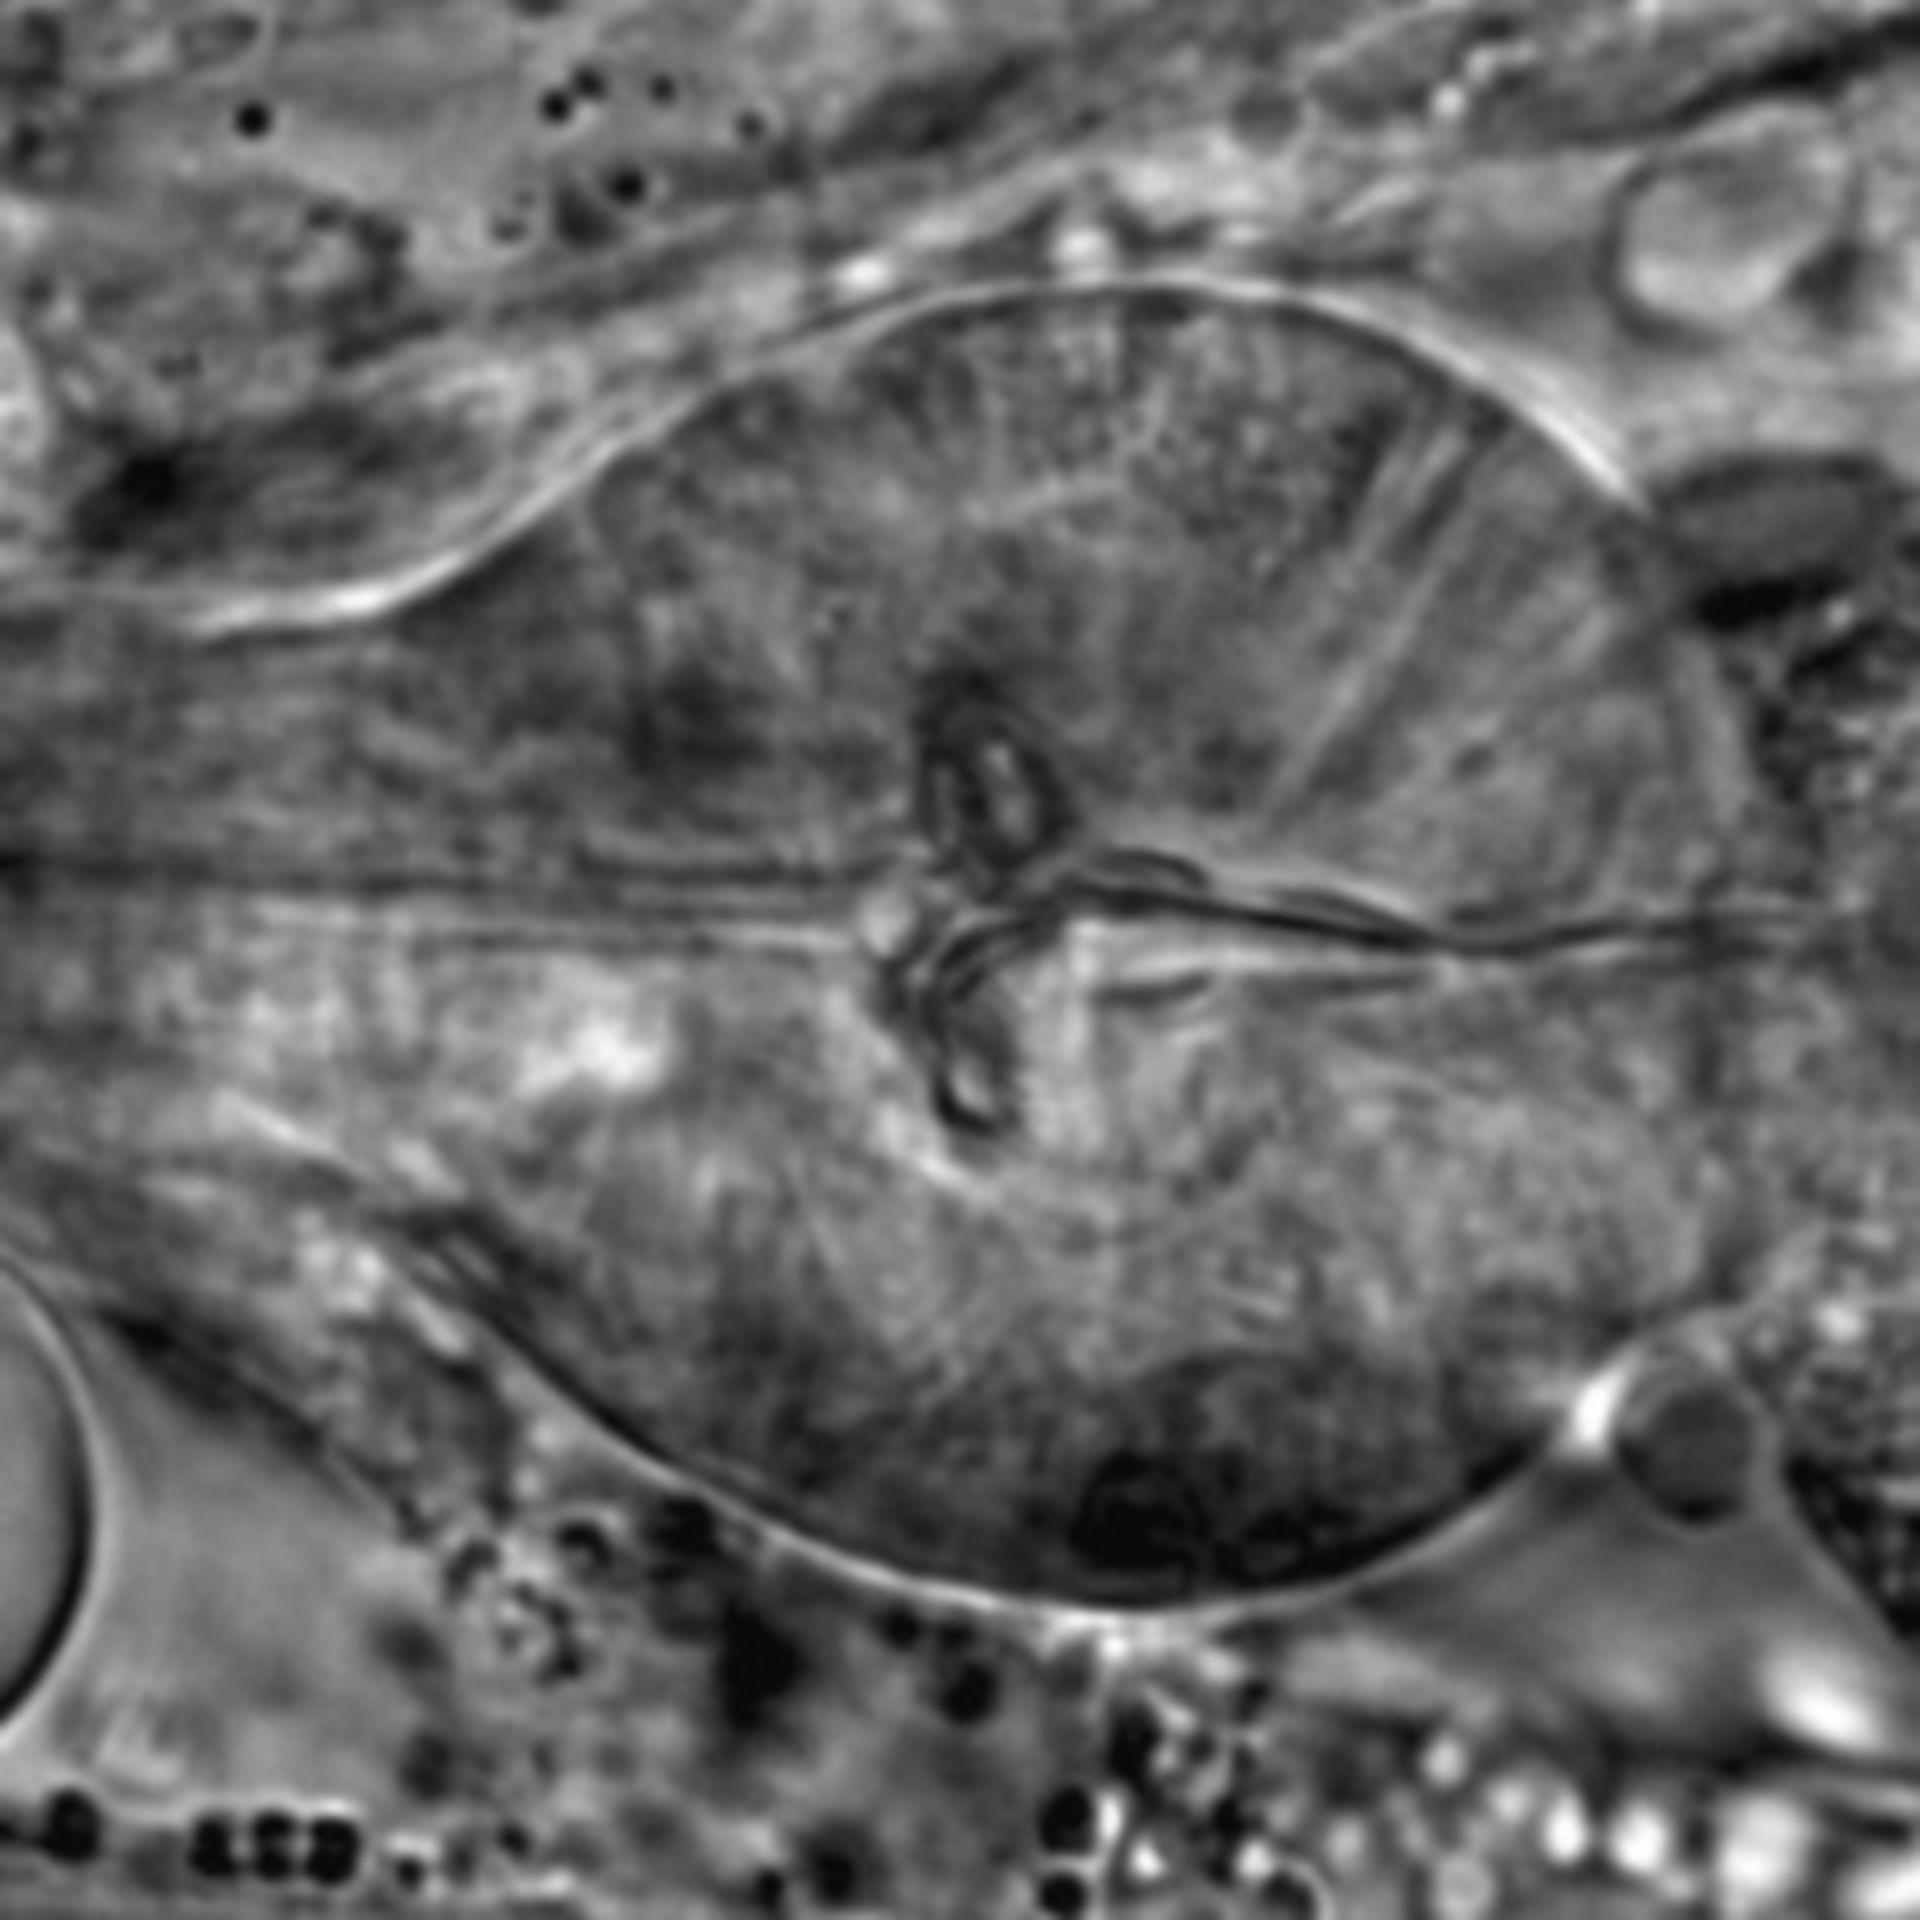 Caenorhabditis elegans - CIL:1710